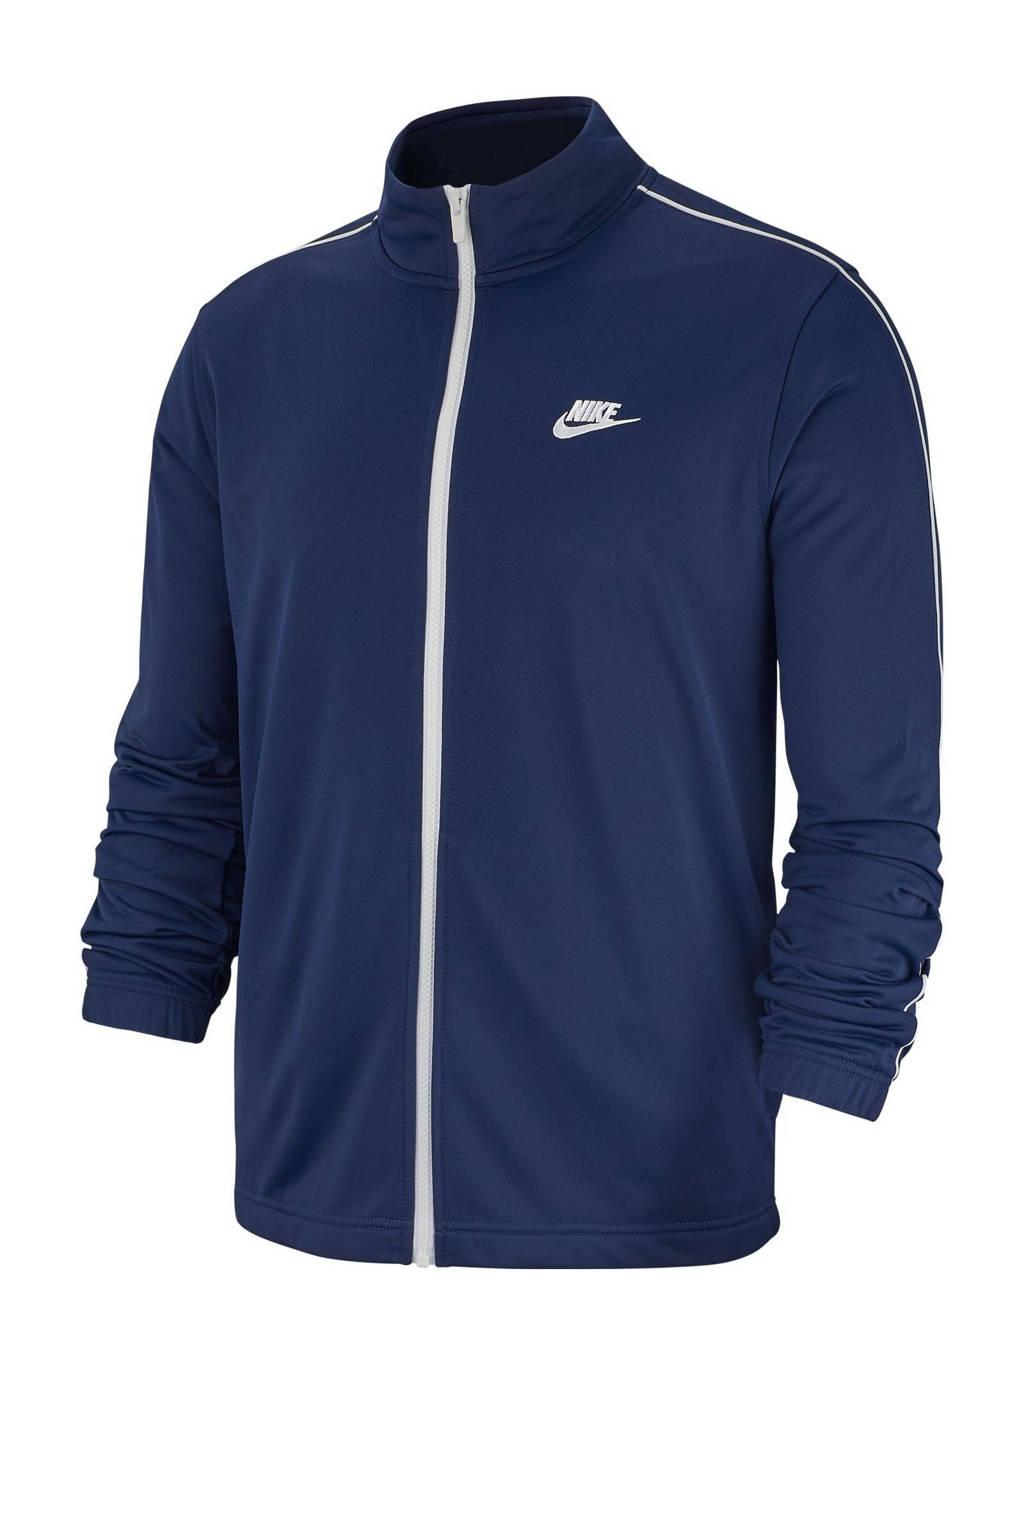 Nike   trainingspak donkerblauw, Donkerblauw